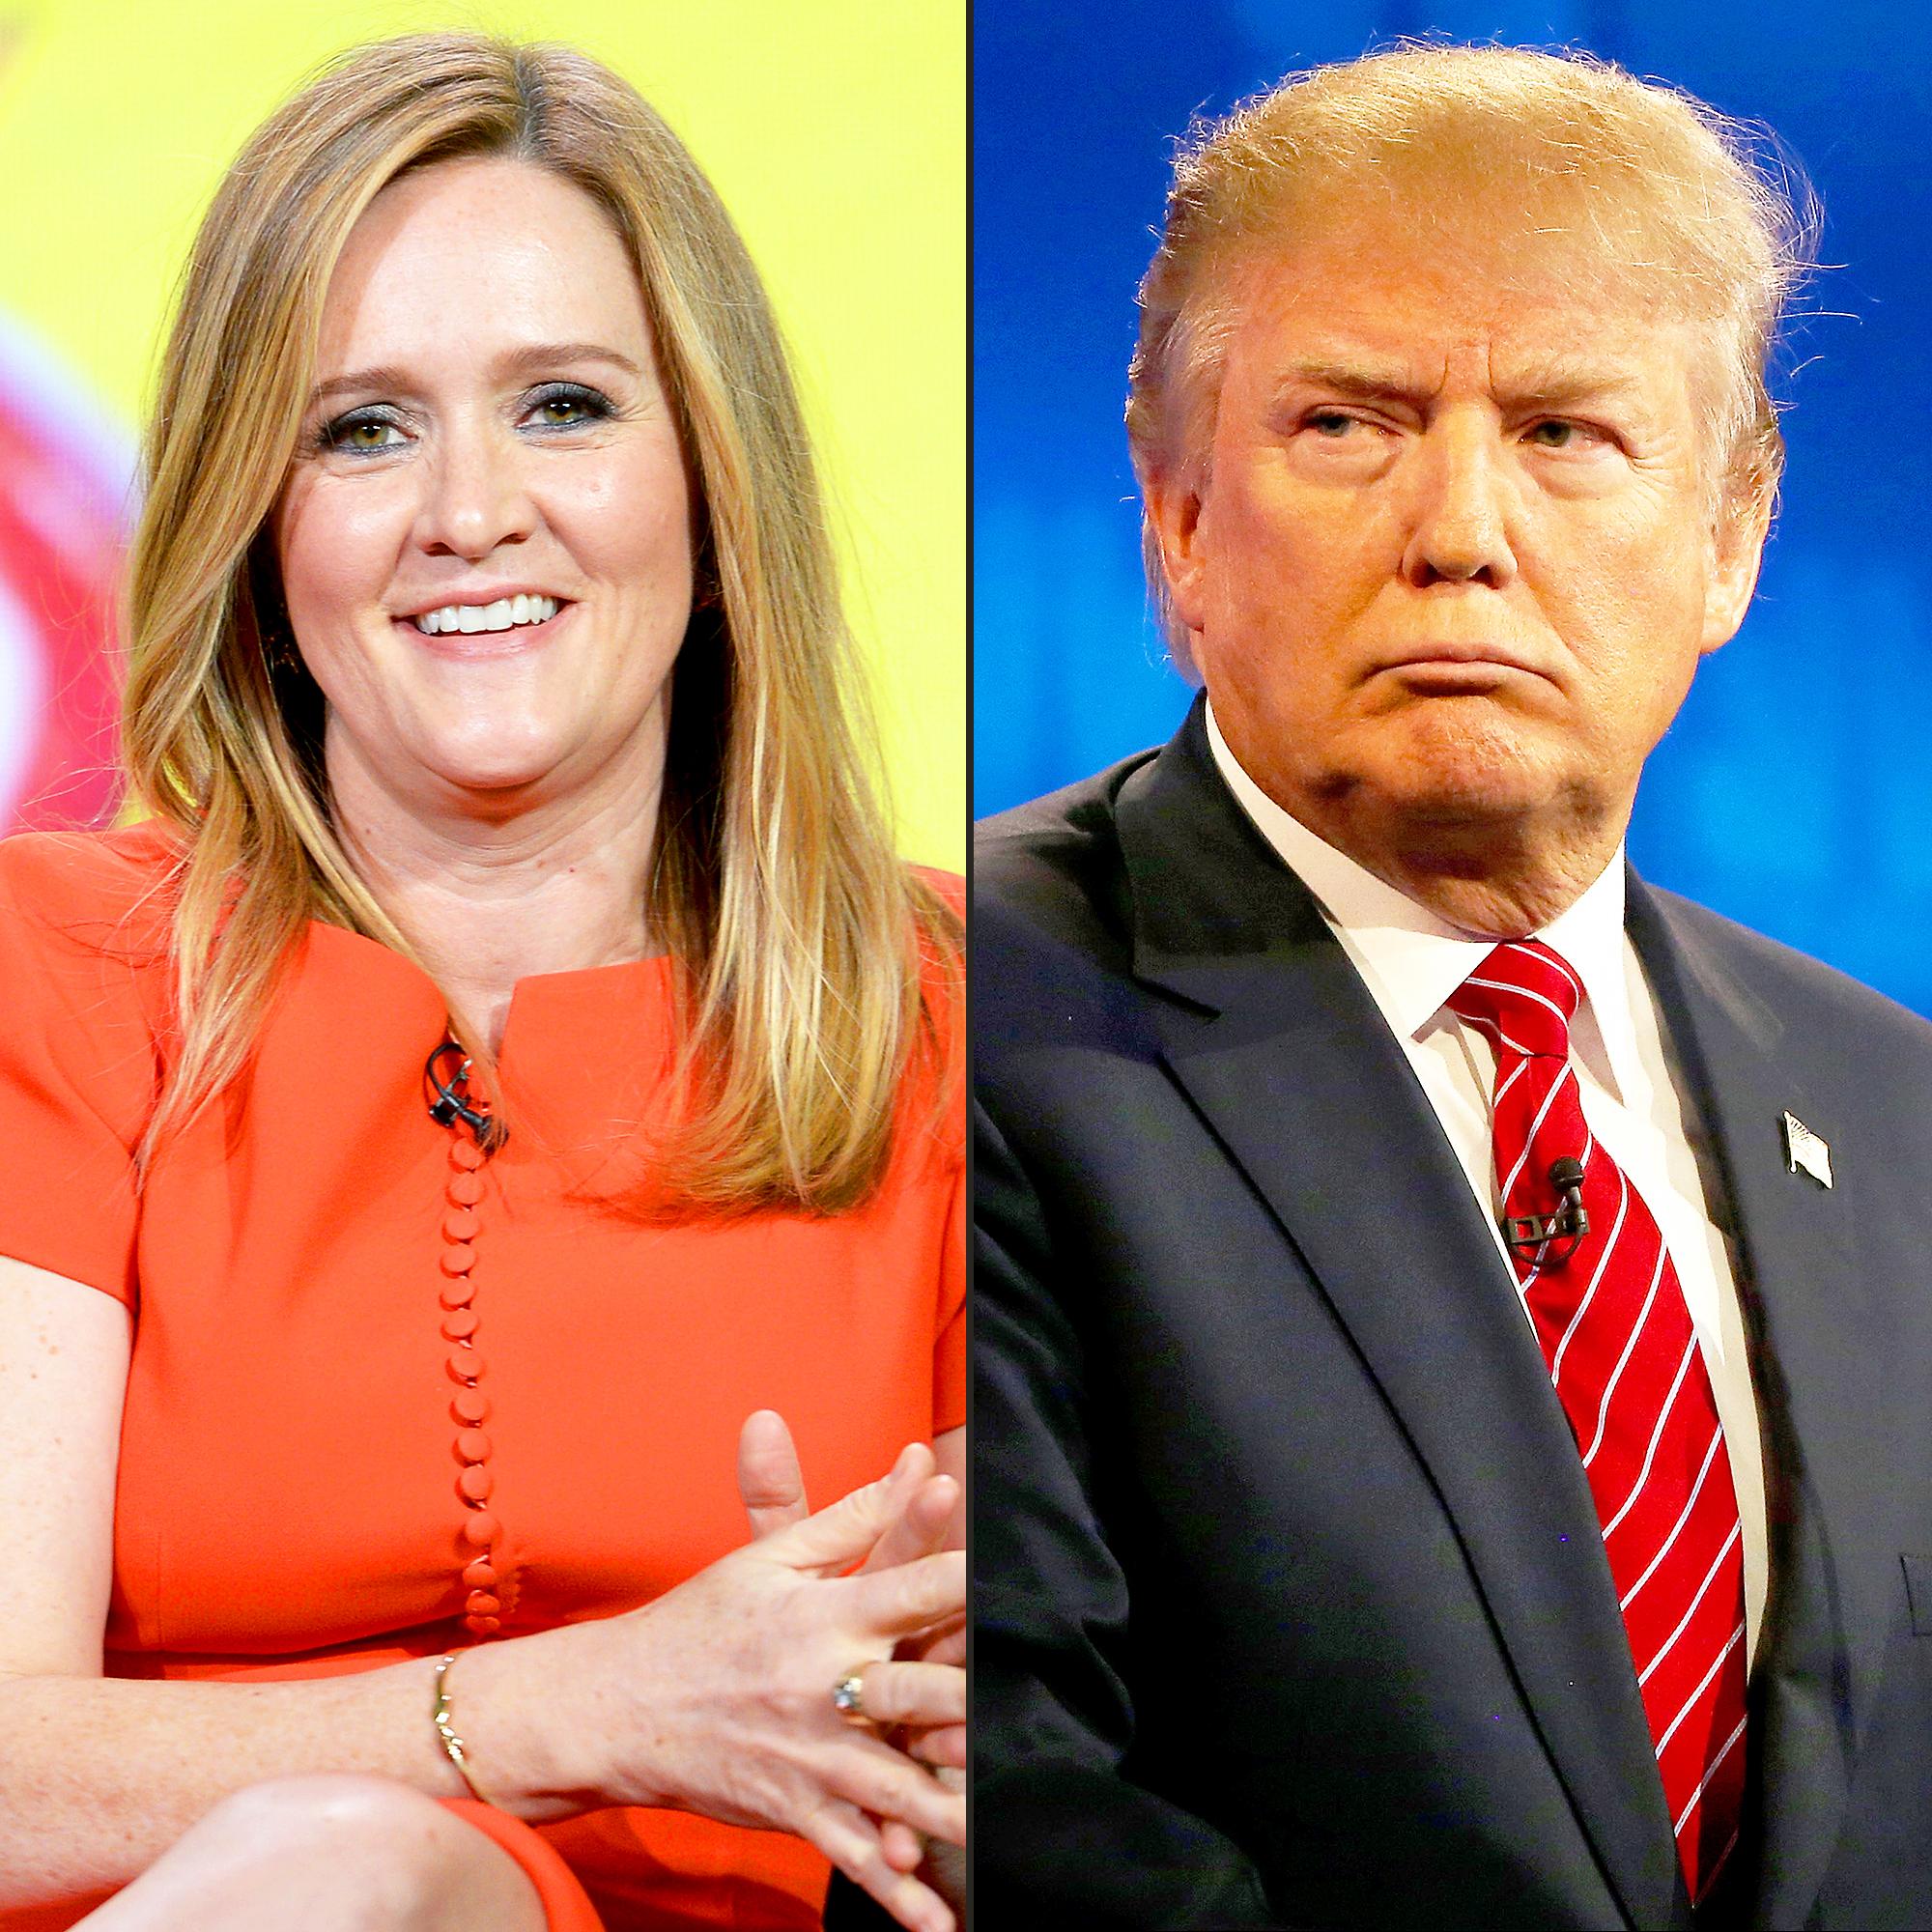 Samantha Bee and Donald Trump